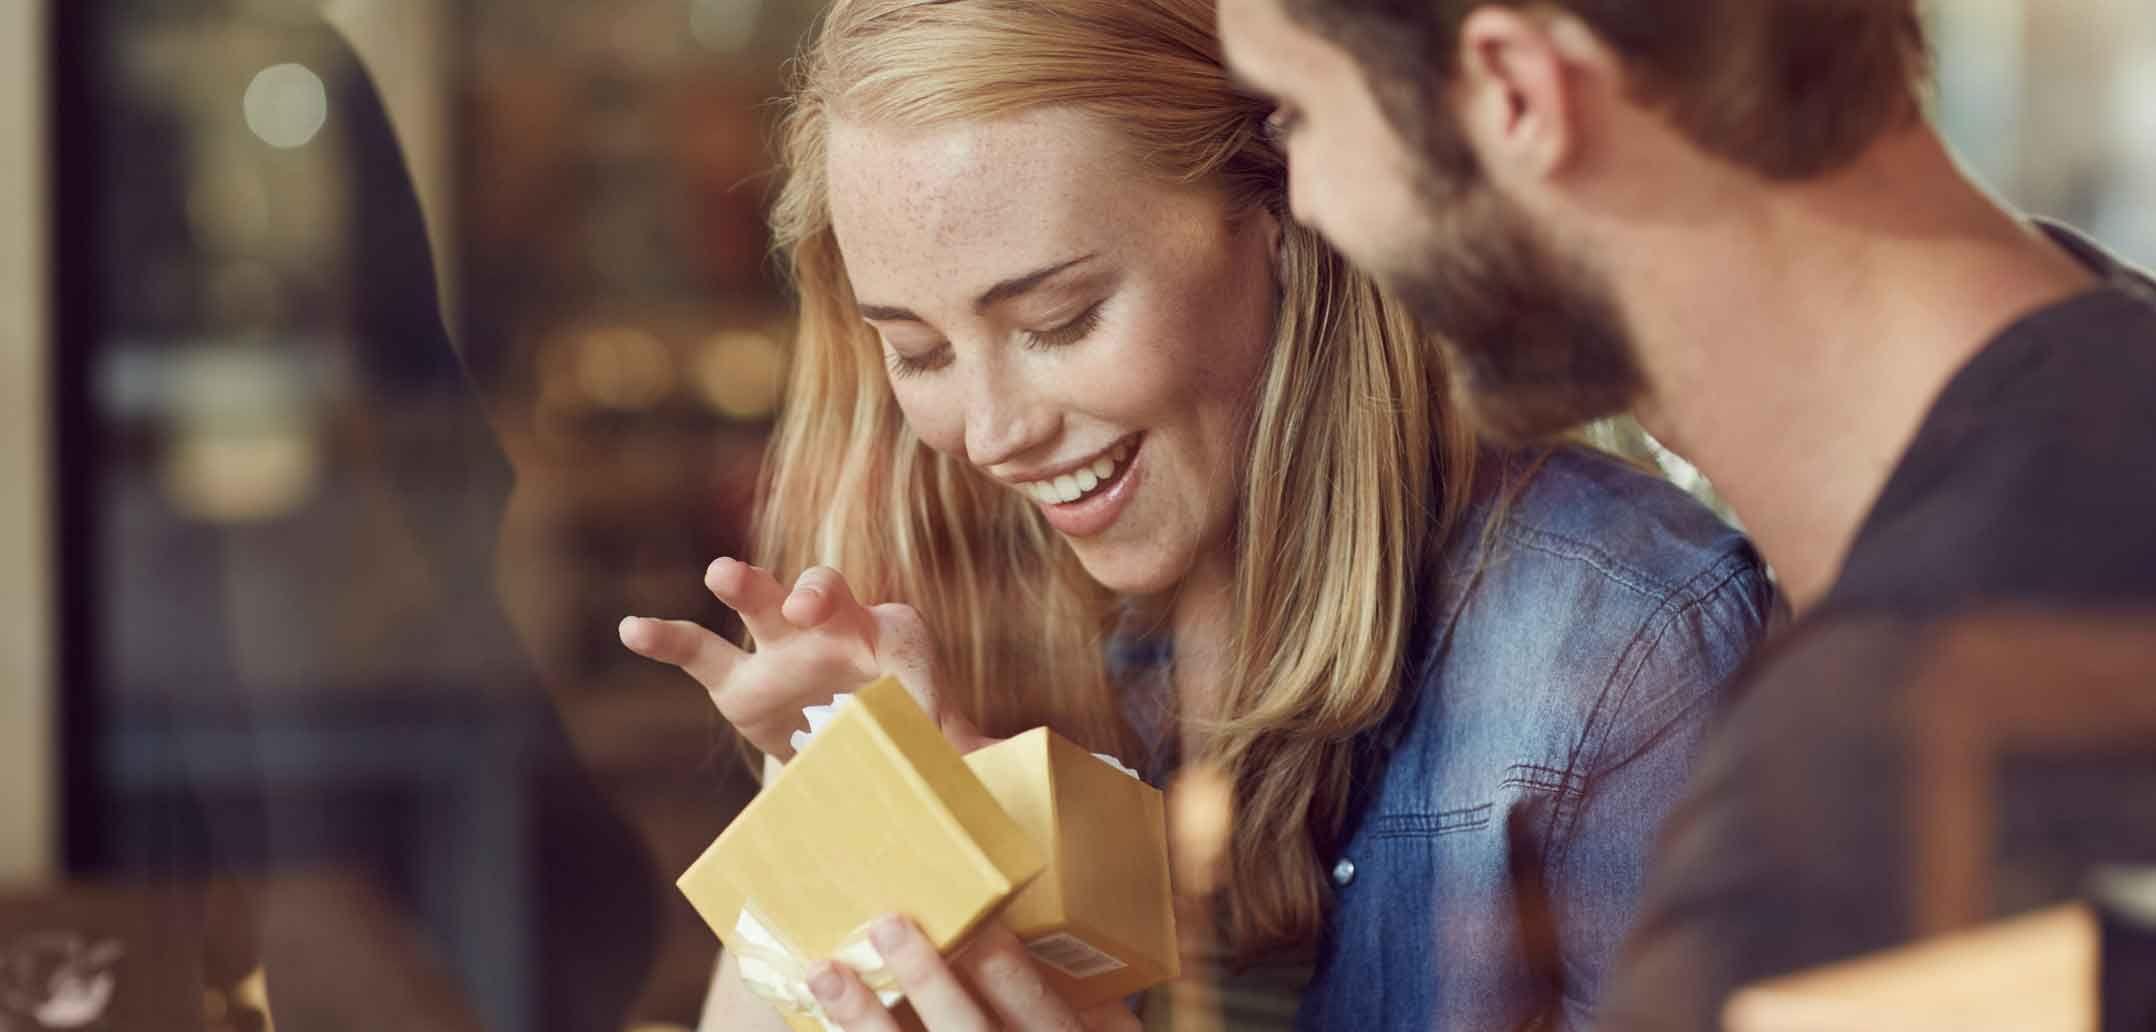 20 romantische Kleinigkeiten, die jeder Beziehung gut tun